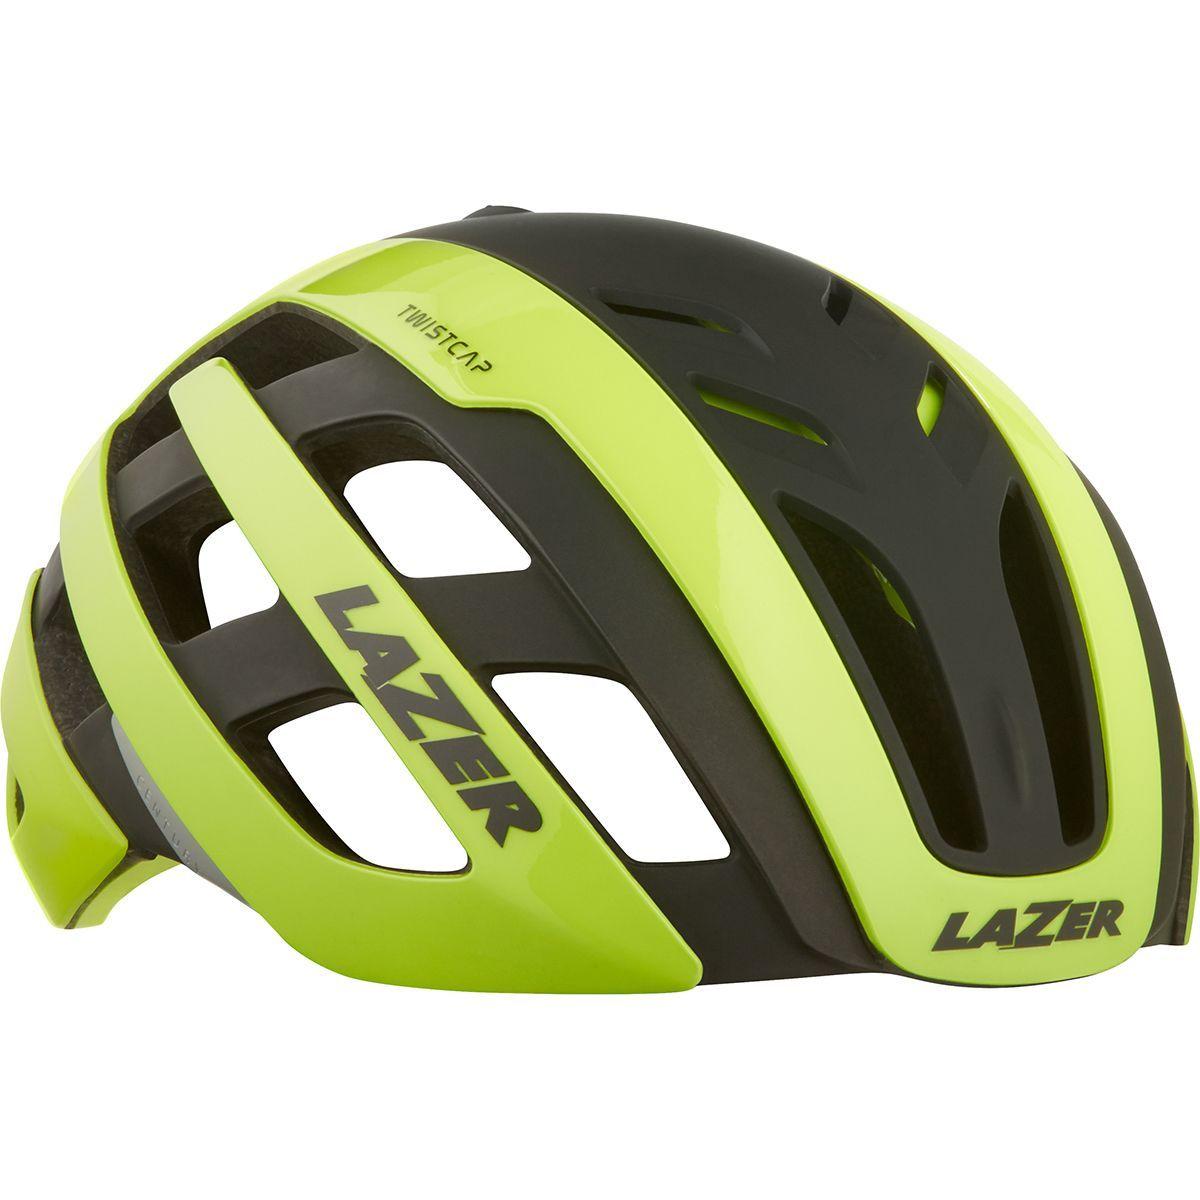 Lazer Century Mips Helmet In 2020 Helmet Lazer Helmets Century